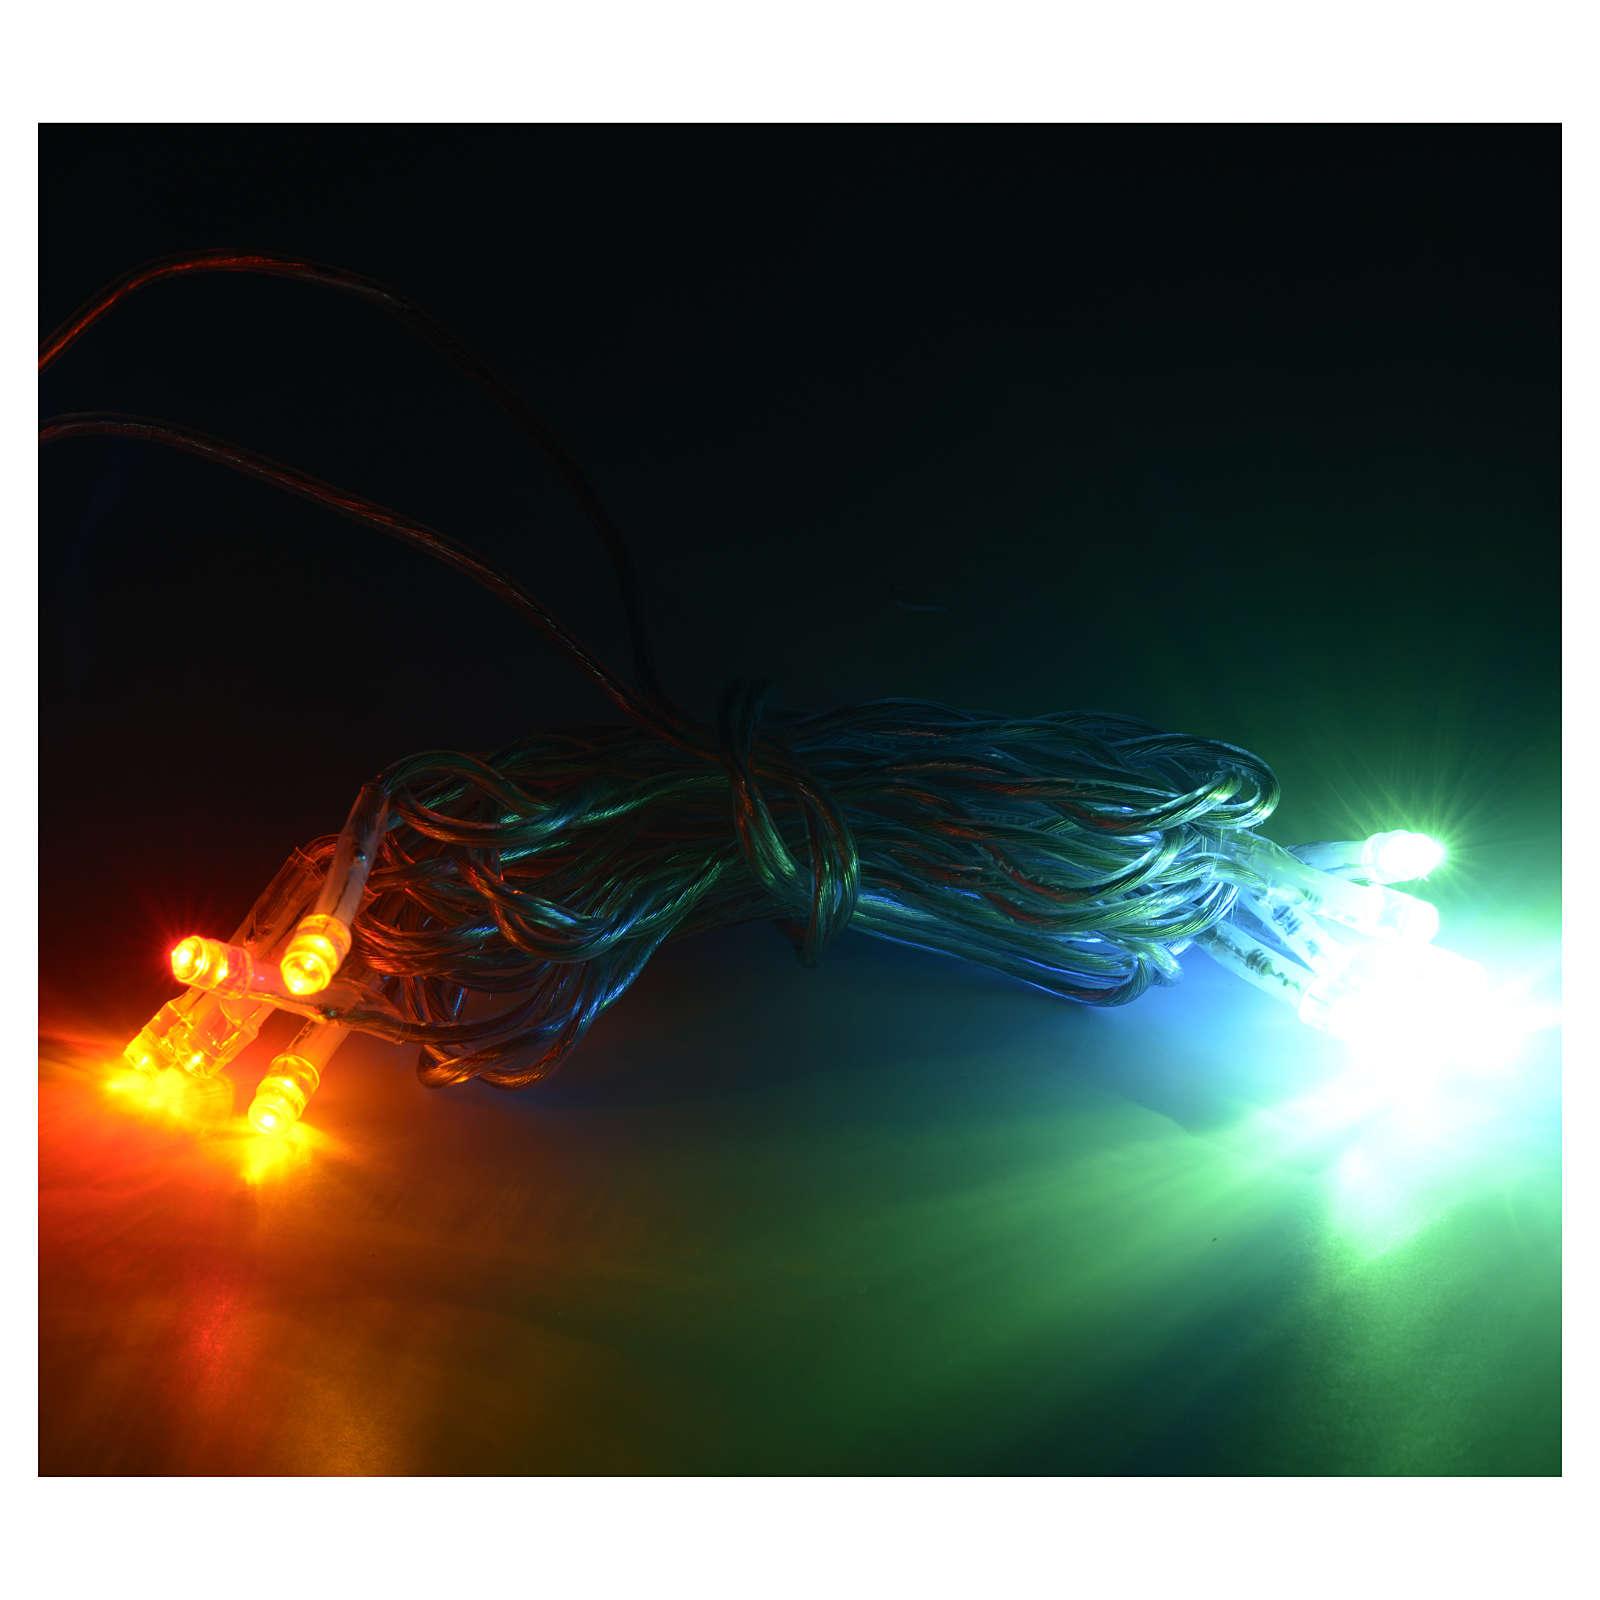 Luz 10 LED Multicolor cable transparente 3